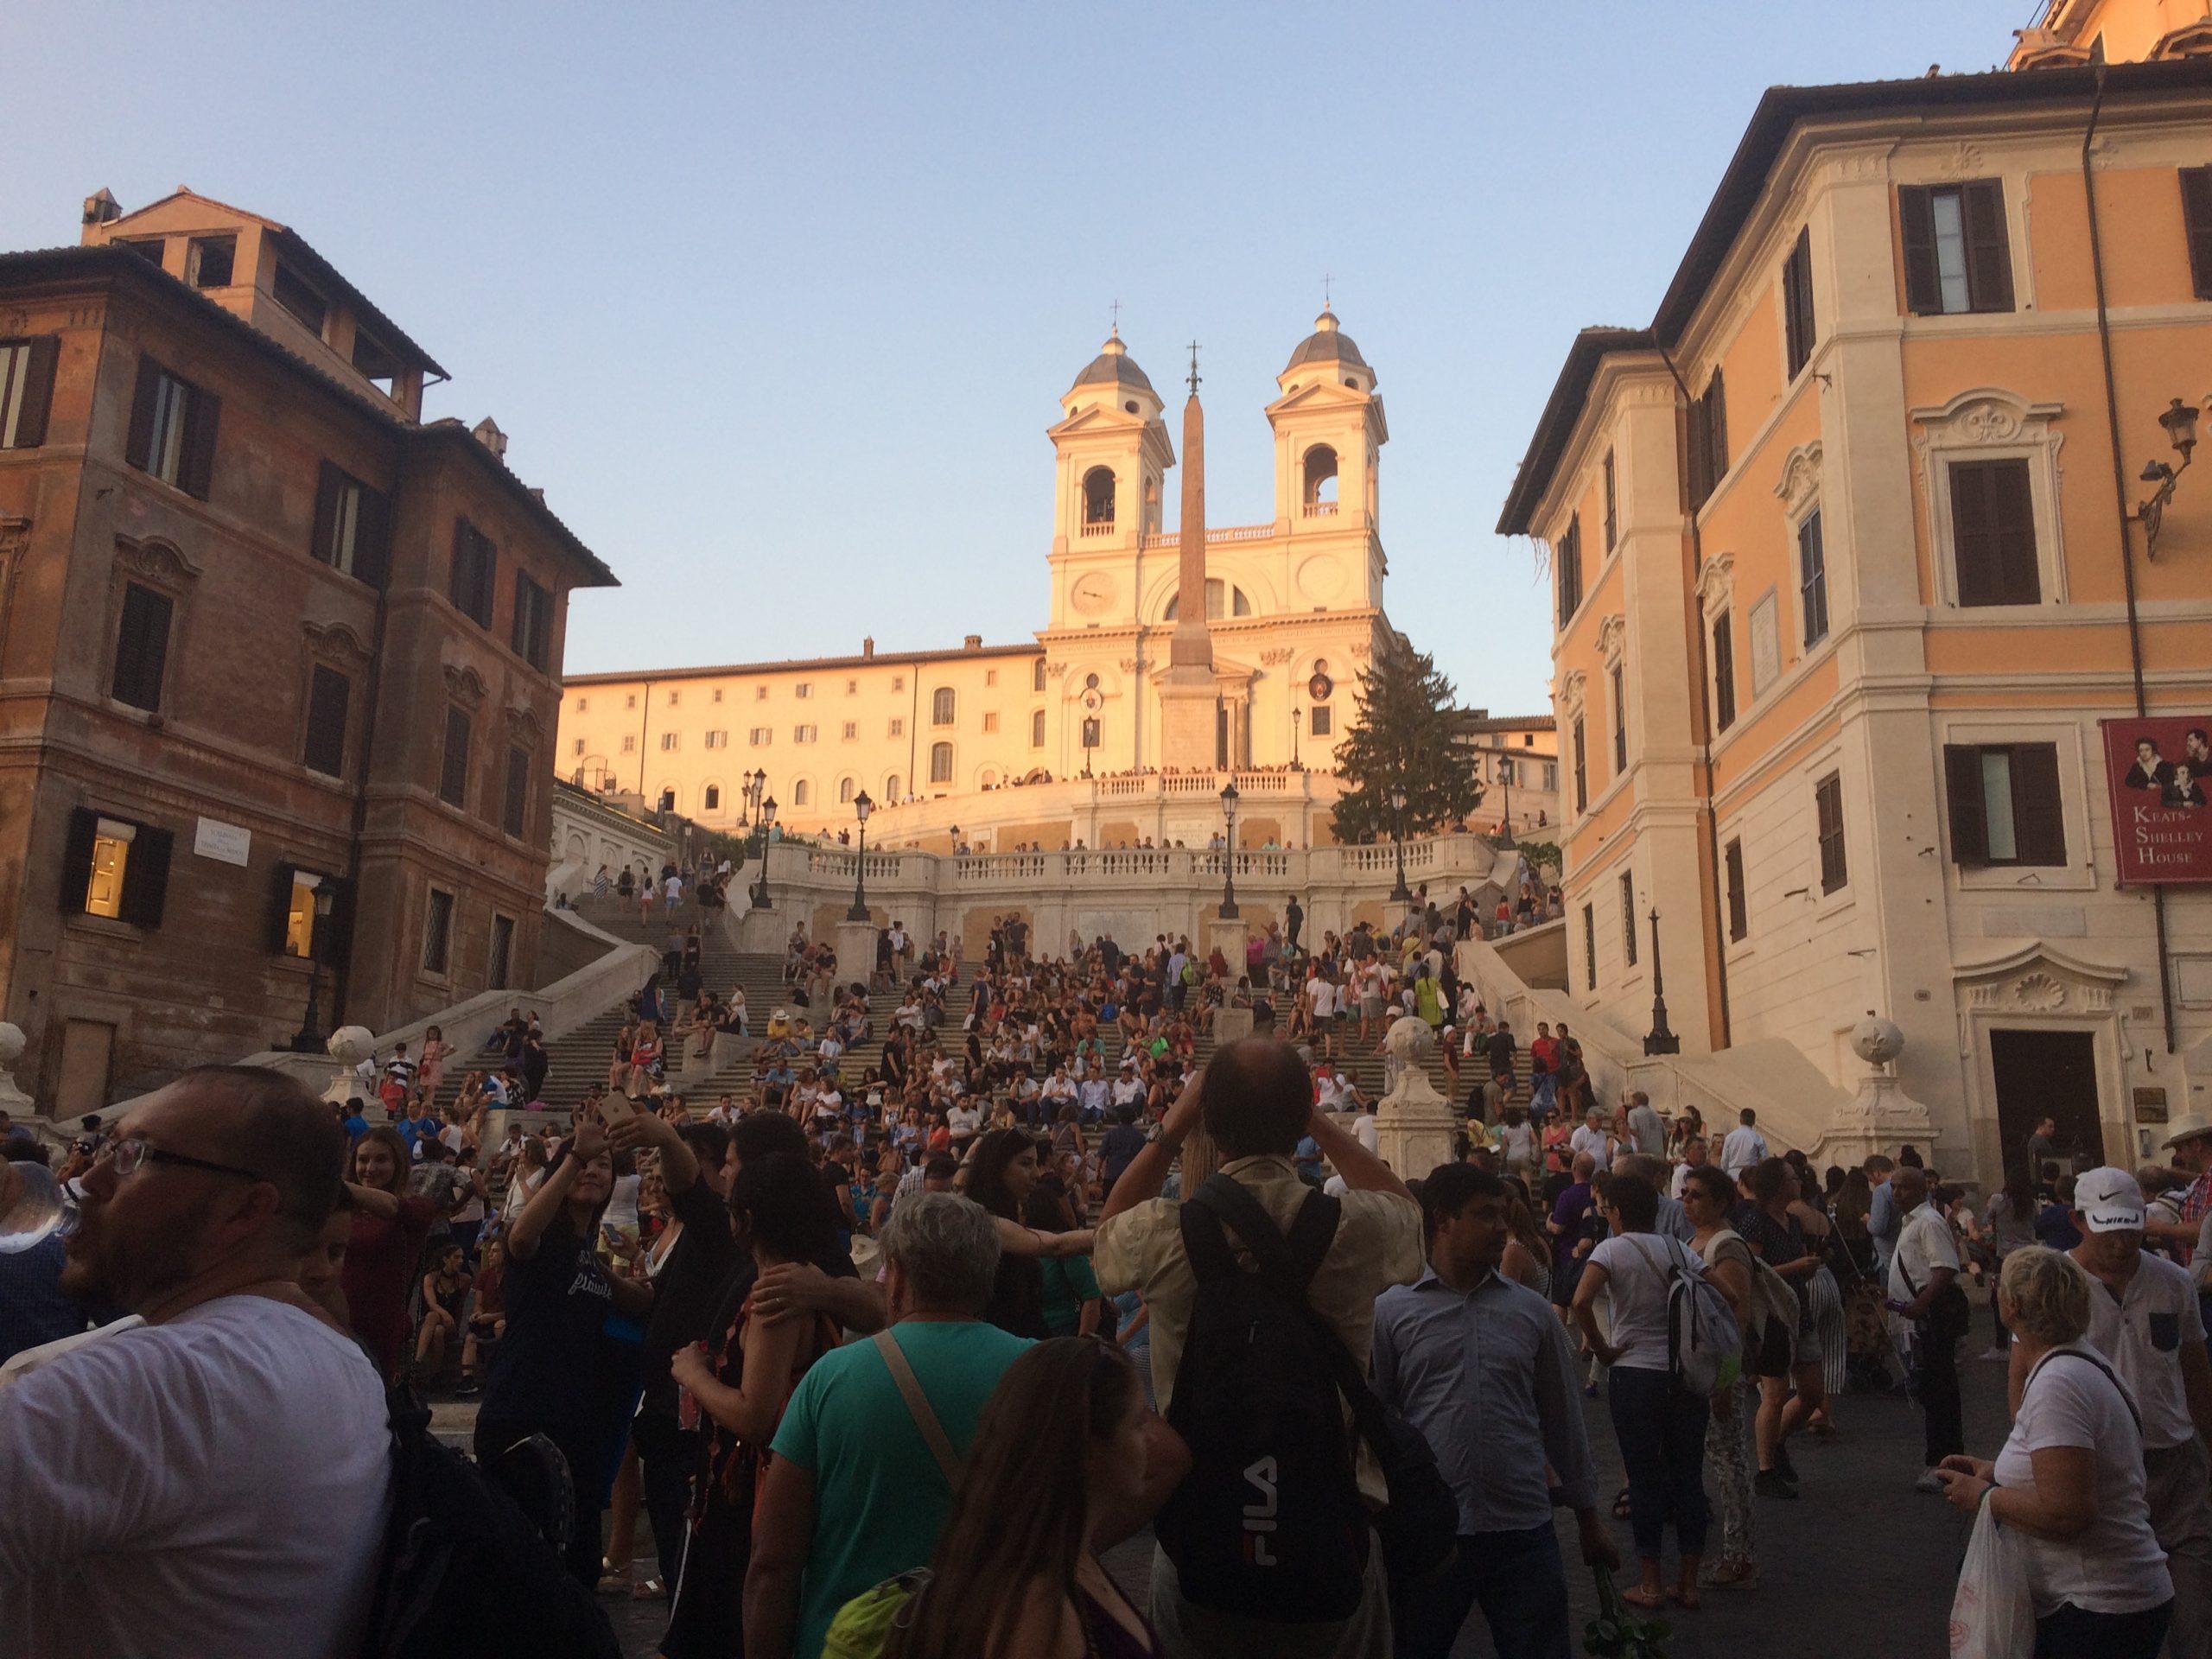 Róma, az örök város - július (4 nap) Irányár: 65.500 Ft/fő